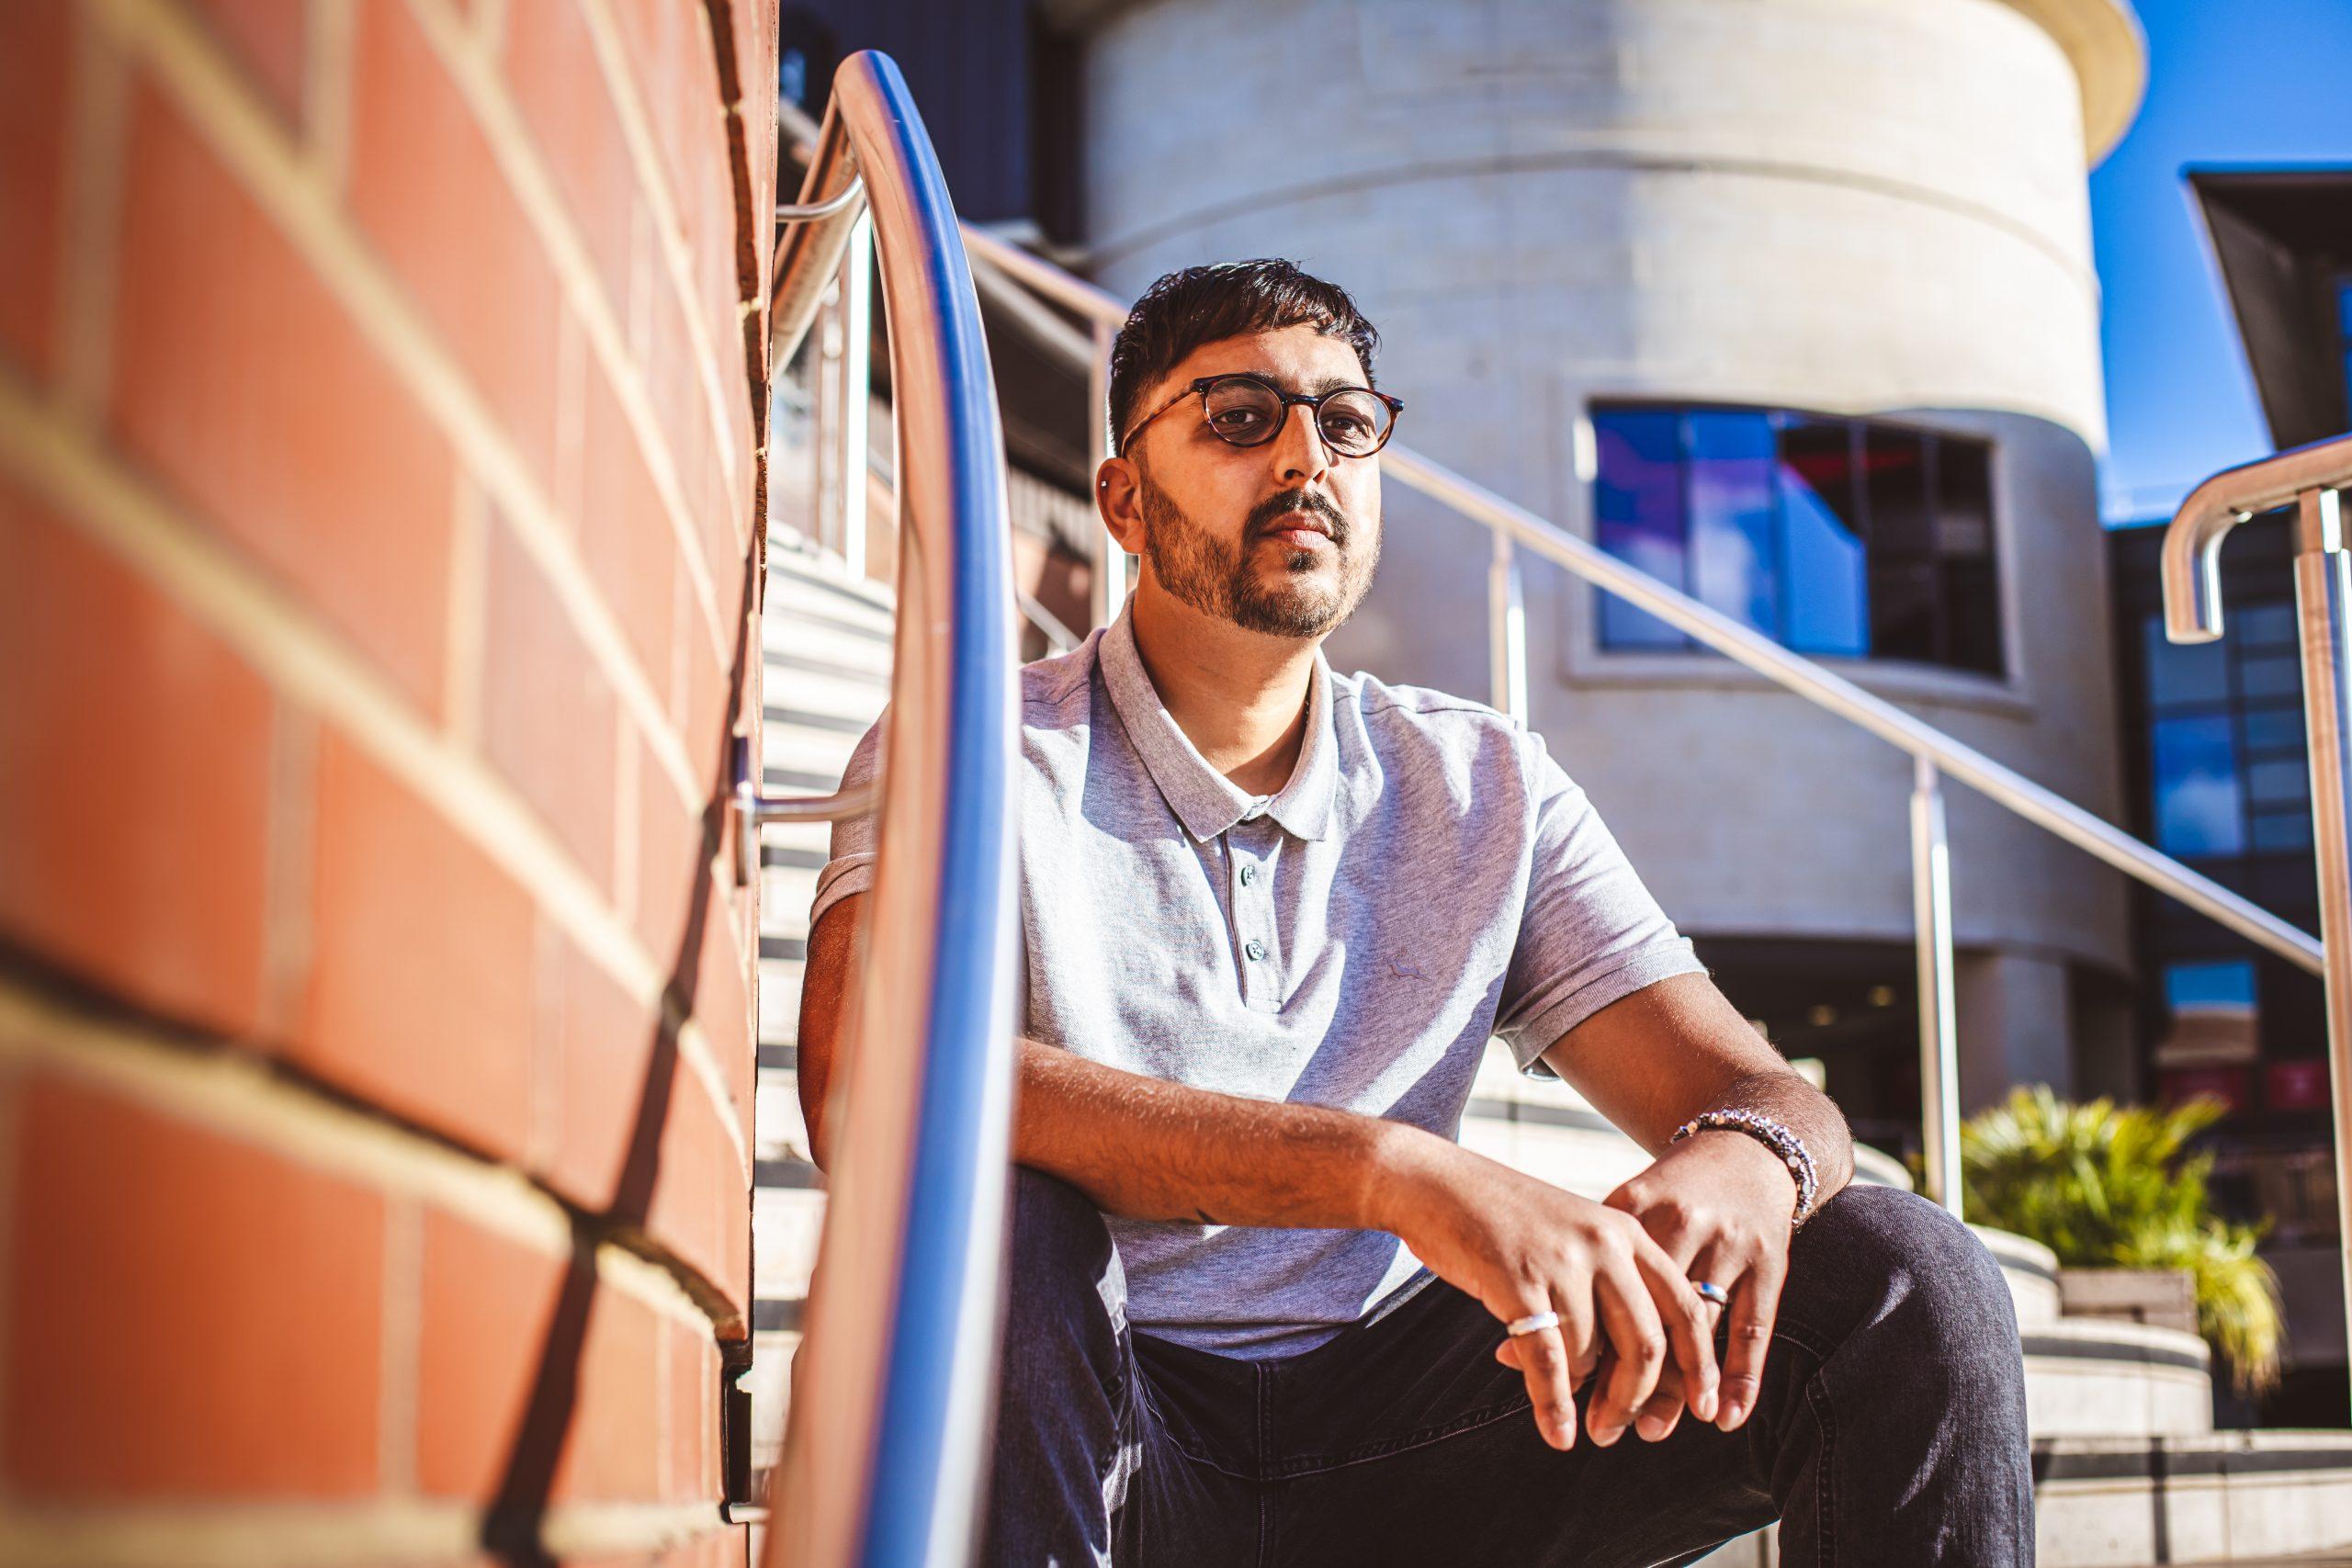 Producer Spotlight: Kingdumb